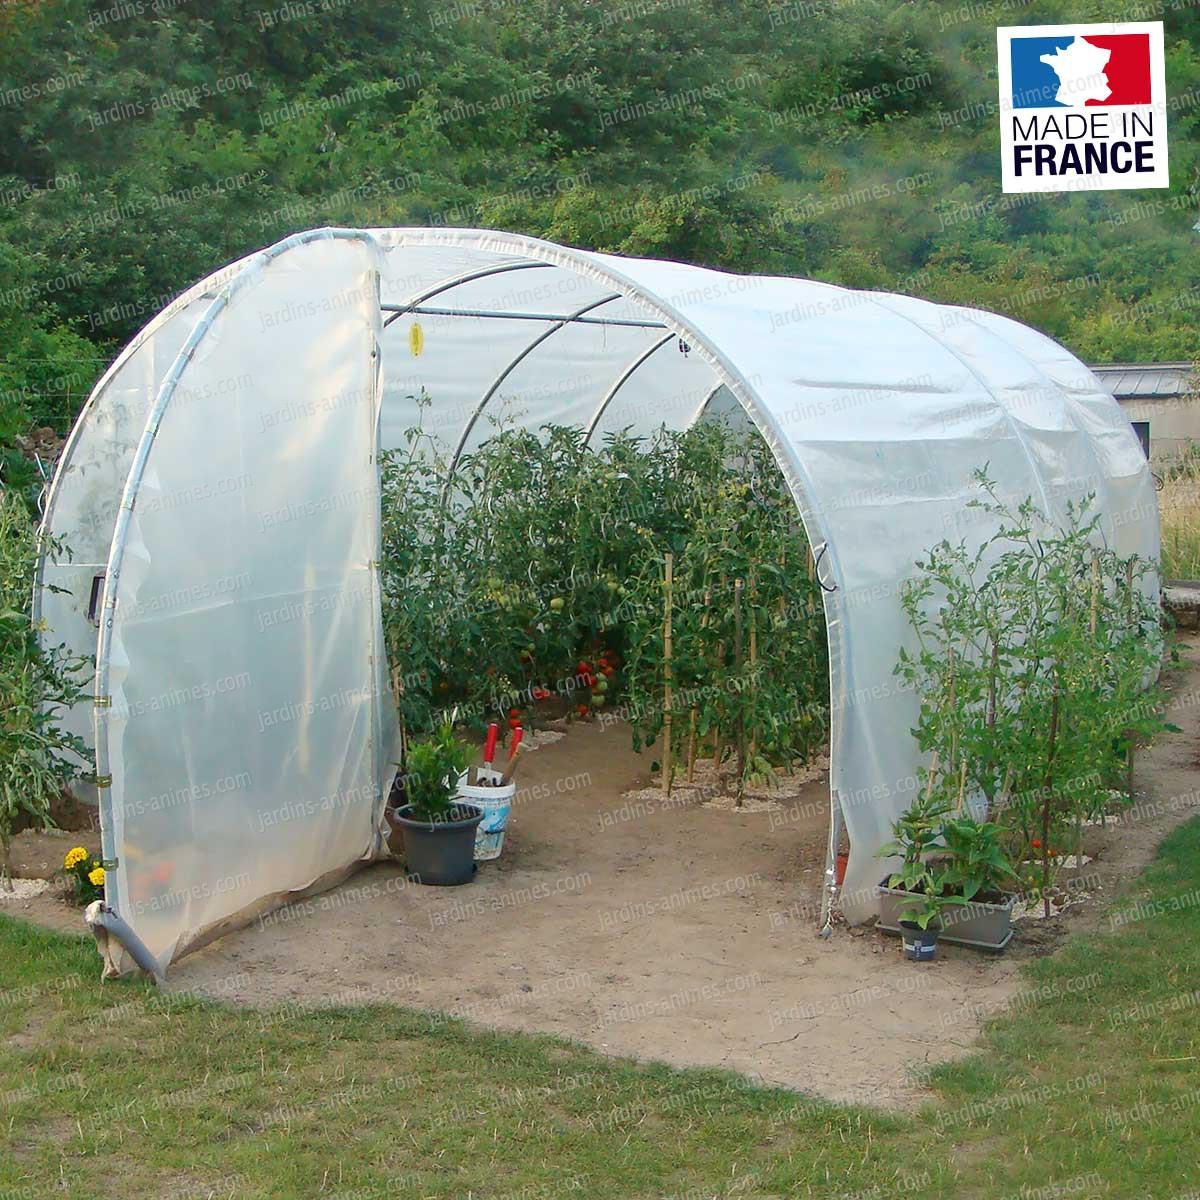 Serre De Jardin Polycarbonate 18M2 - Veranda Et Abri Jardin tout Serre De Jardin Polycarbonate 18M2